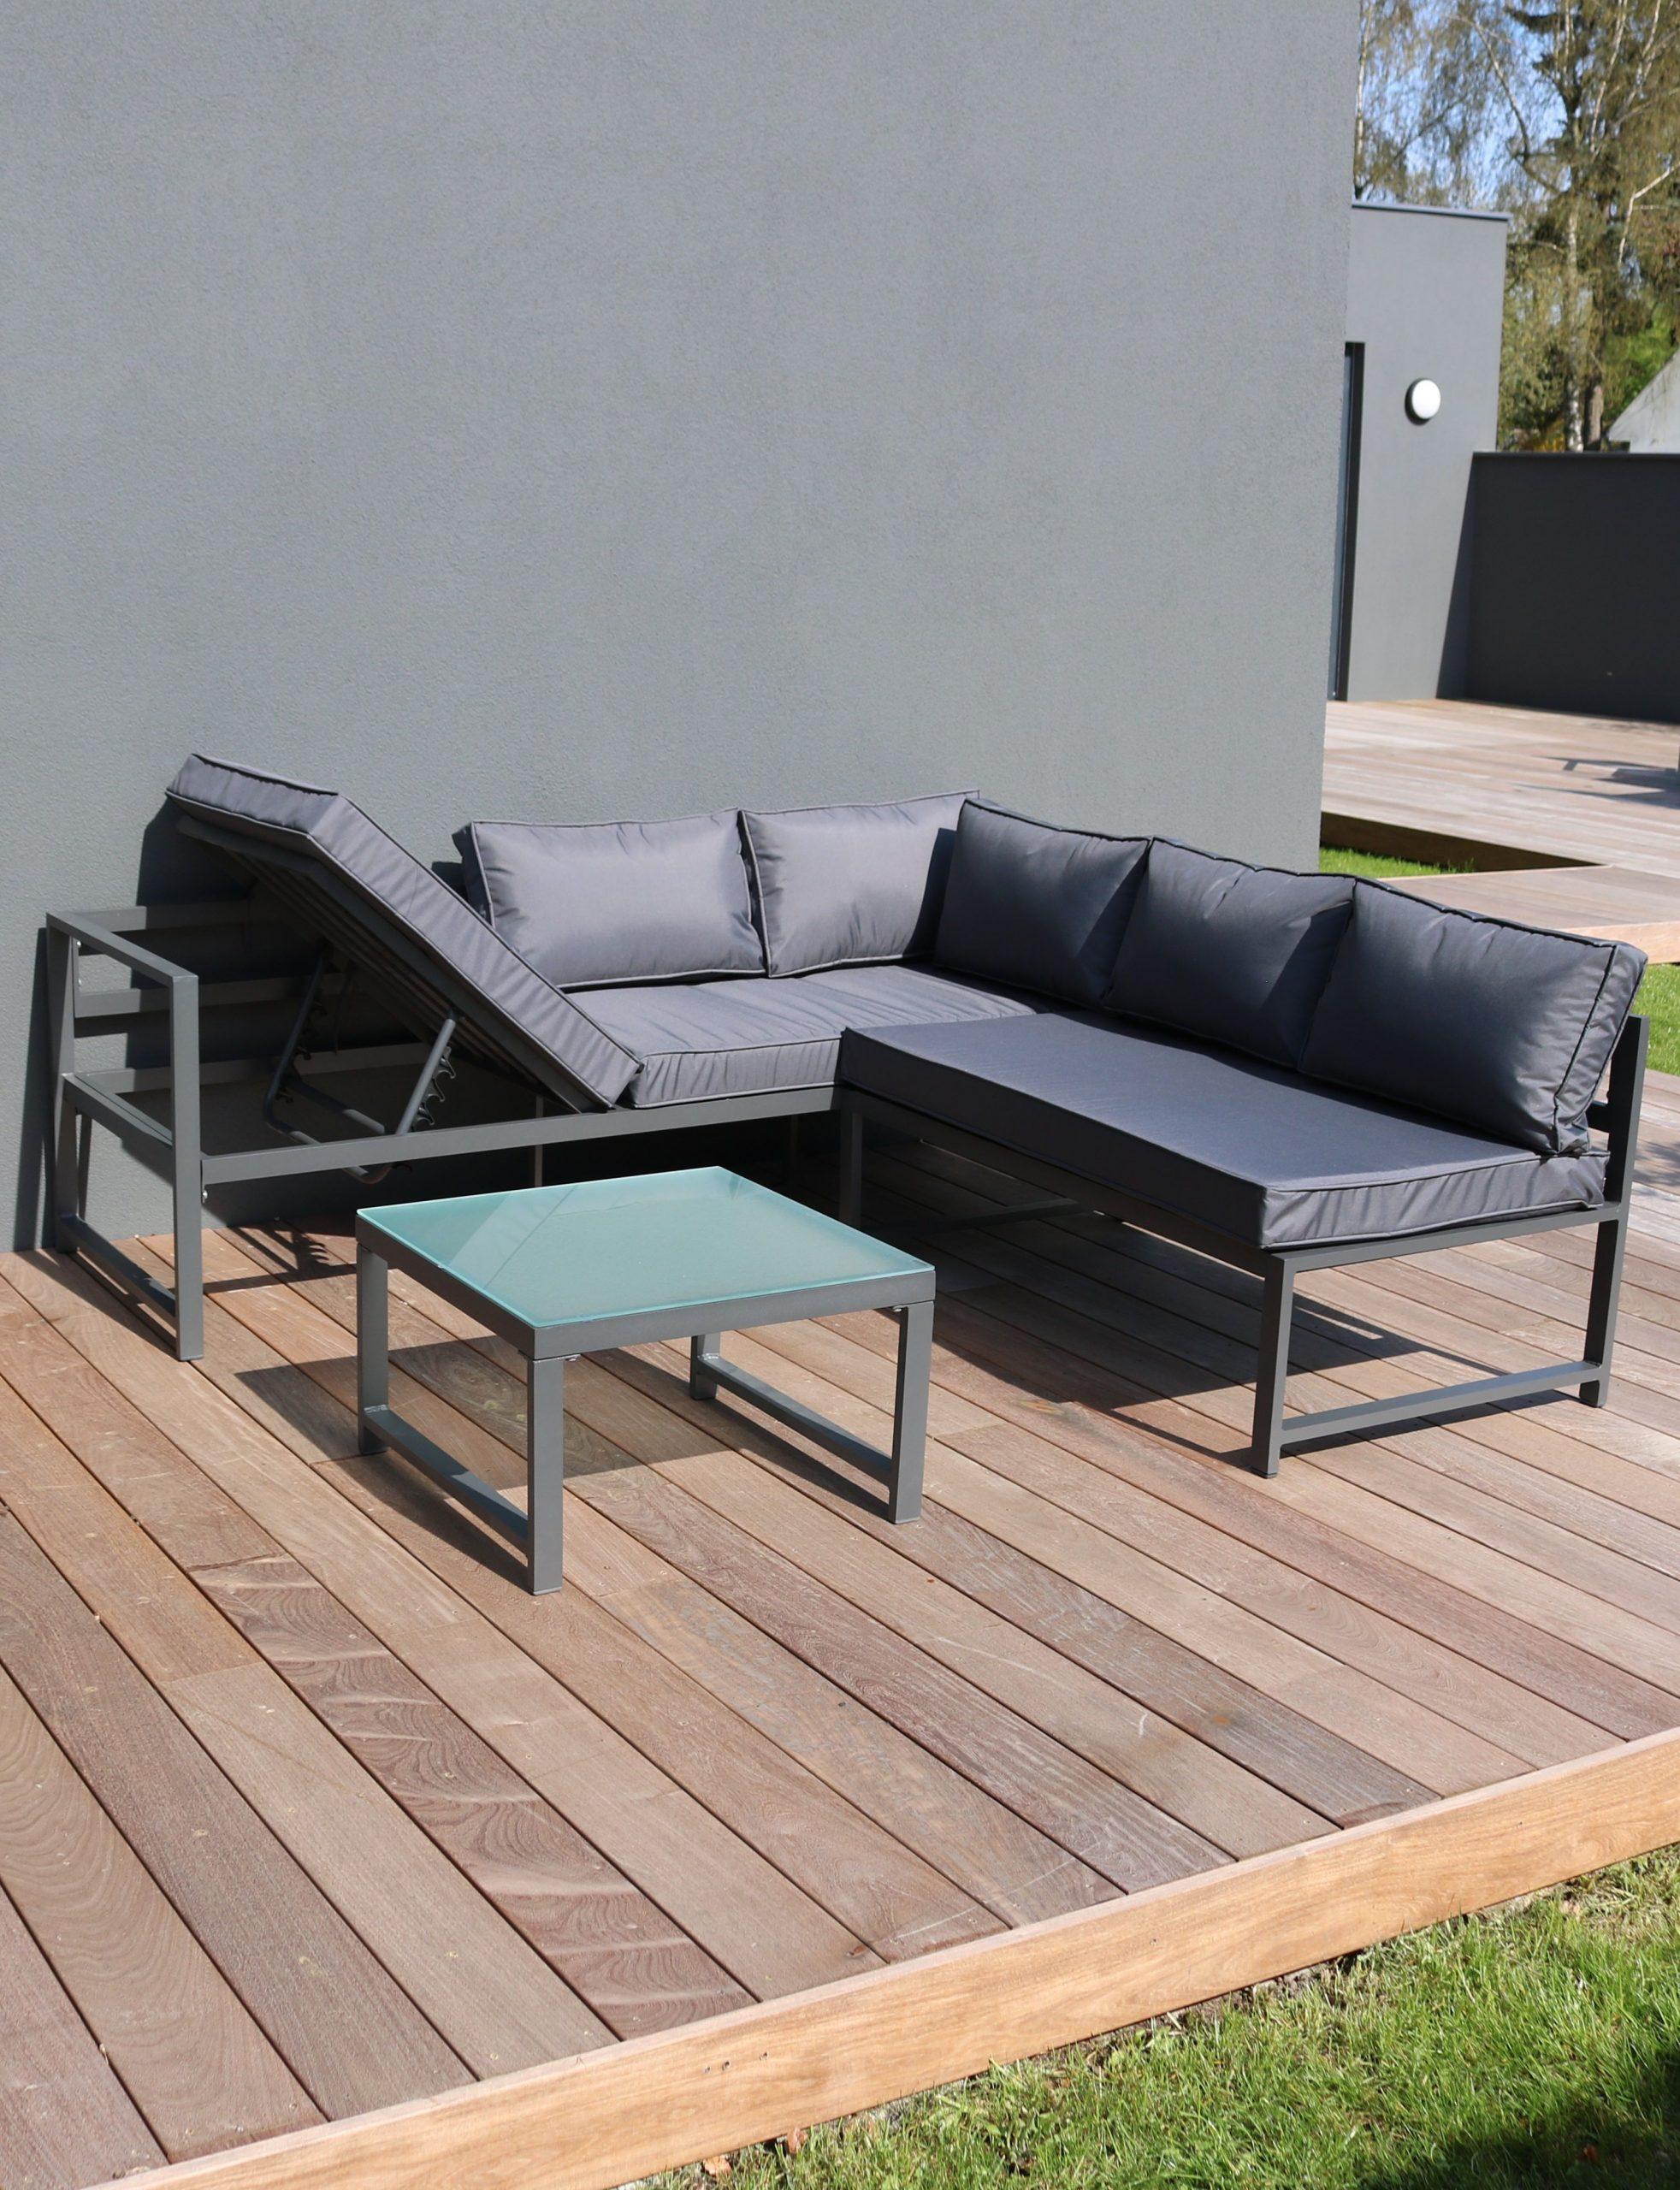 Salon De Jardin D'angle 5 Places En Aluminium - Gris ... avec Canapé De Jardin Aluminium